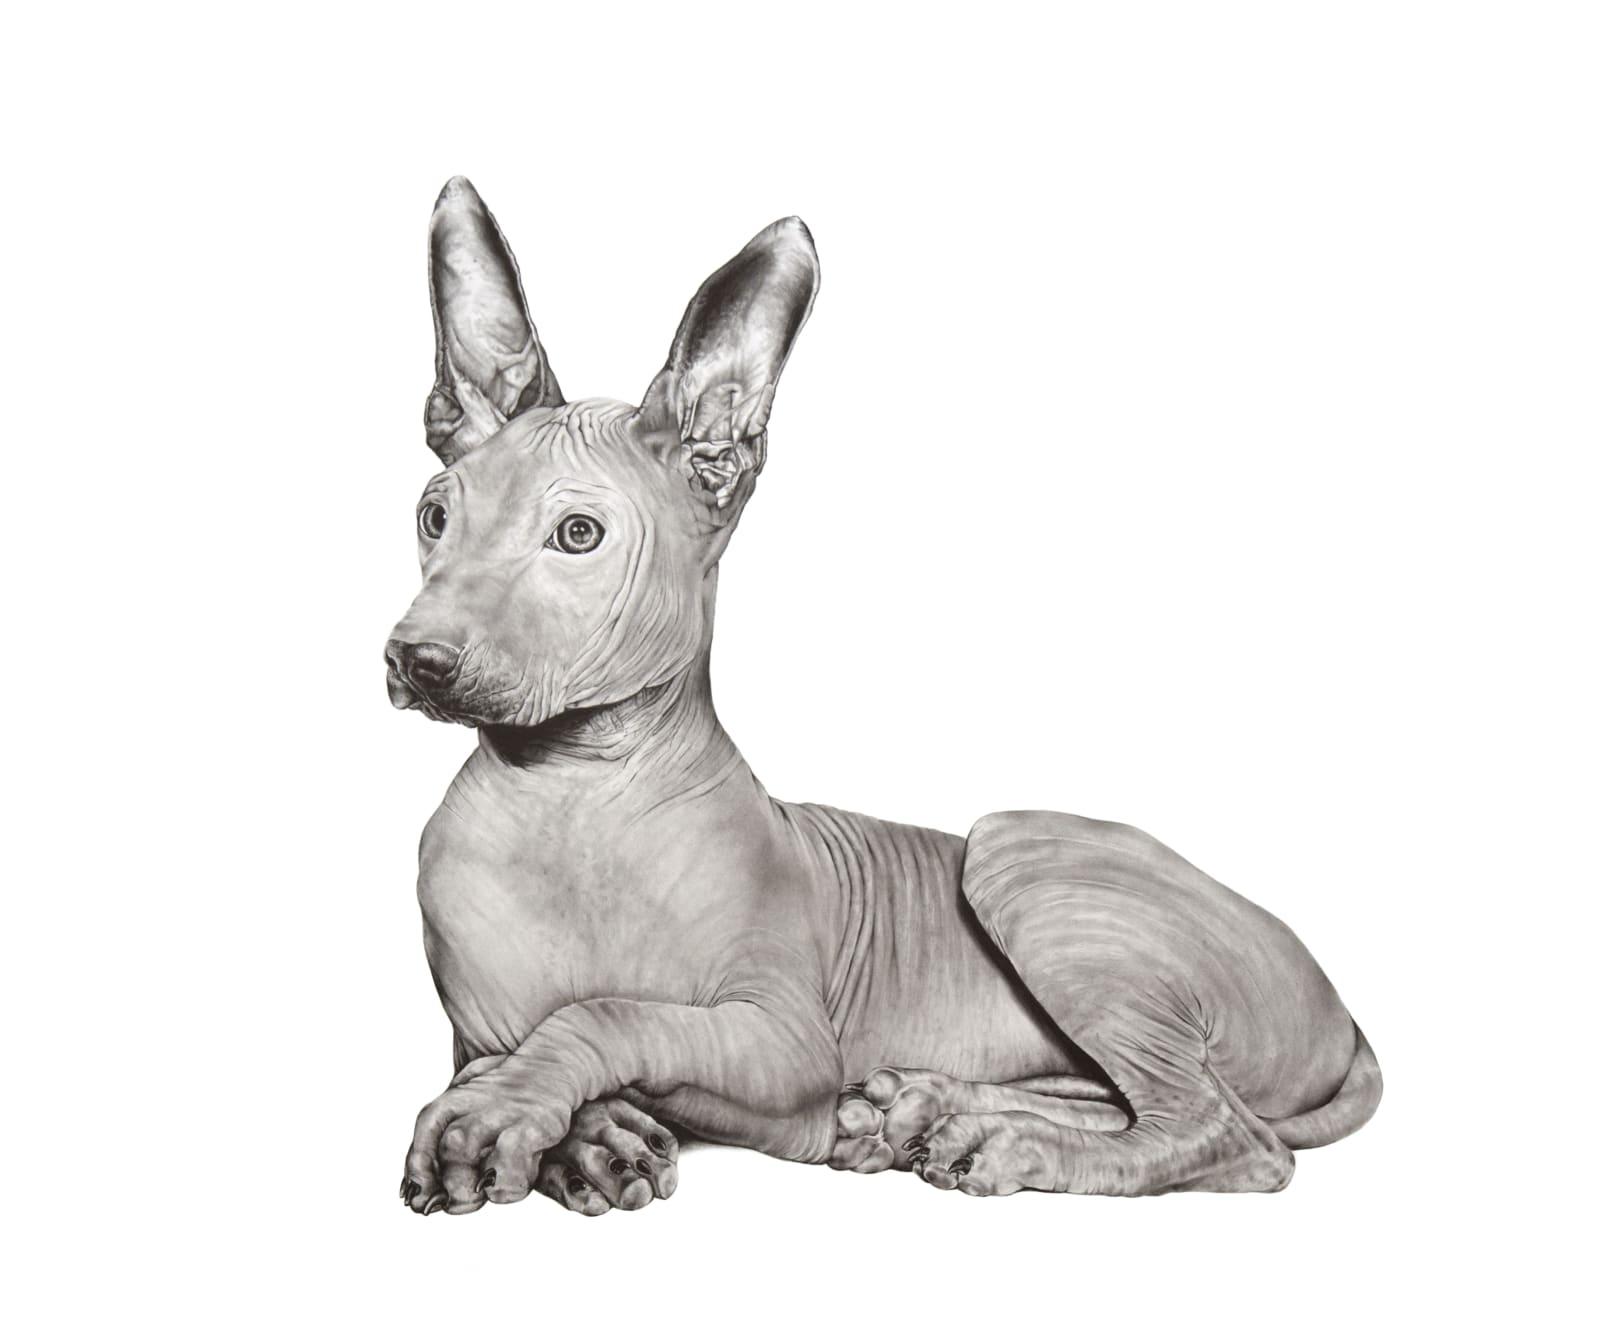 Debra Barrera, Xolo / Actualization for Puppies, 2019 graphite on paper, 22 x 27 in